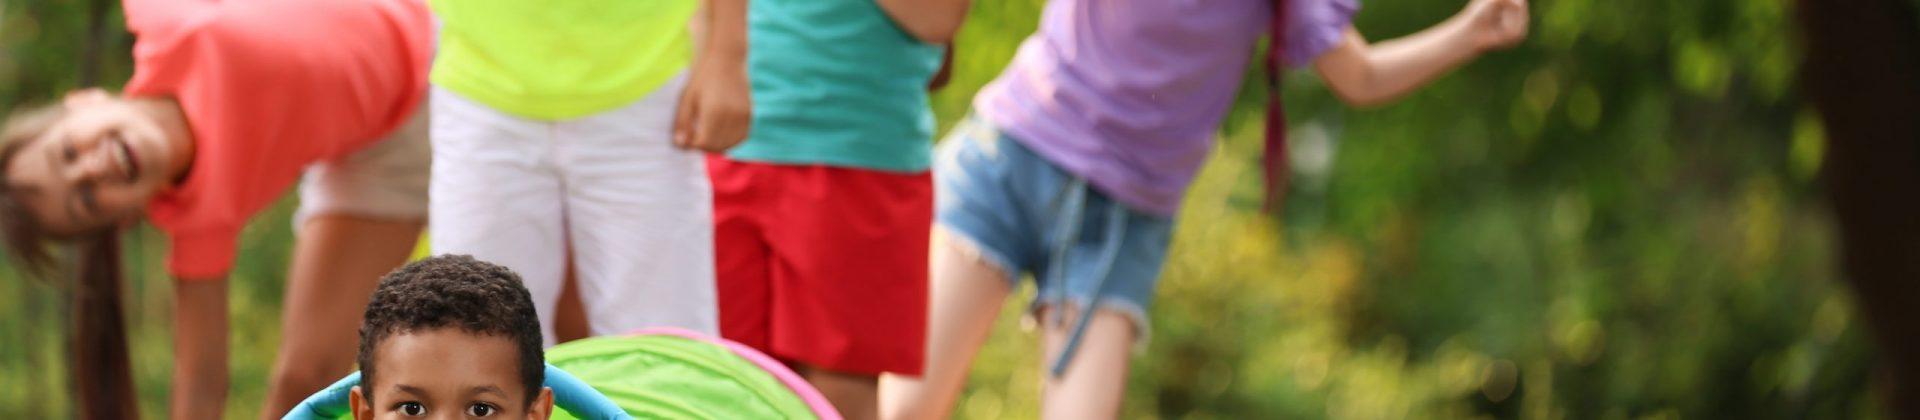 Sala de prensa   ¡Haz que los niños te elijan gracias a una estructura infantil en tu negocio!